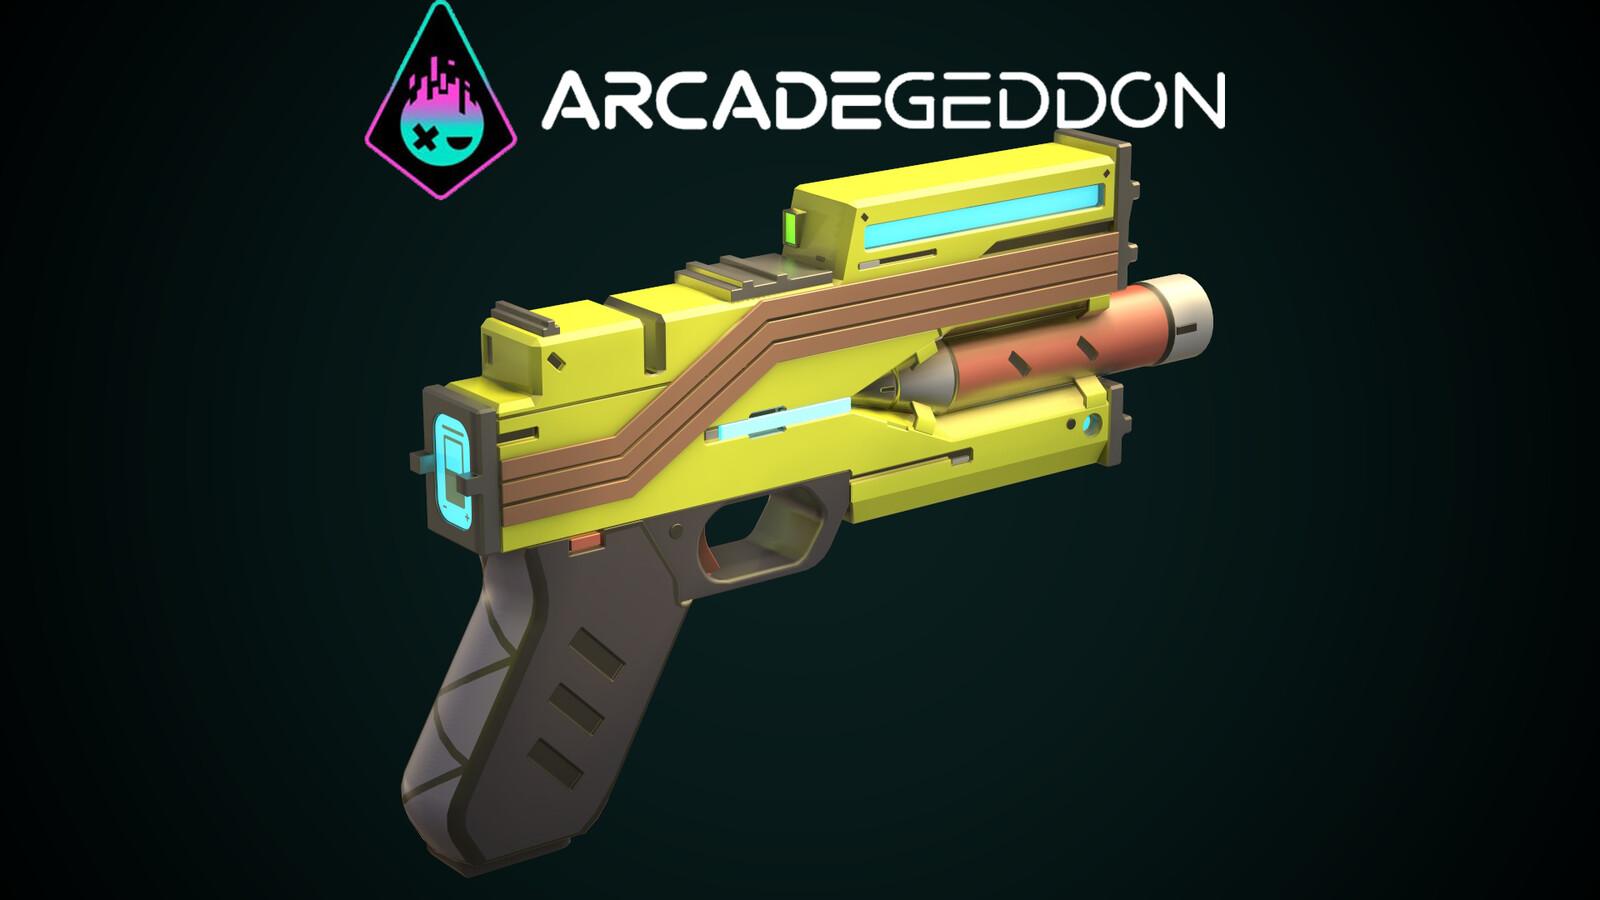 ARCADEGEDDON Handgun